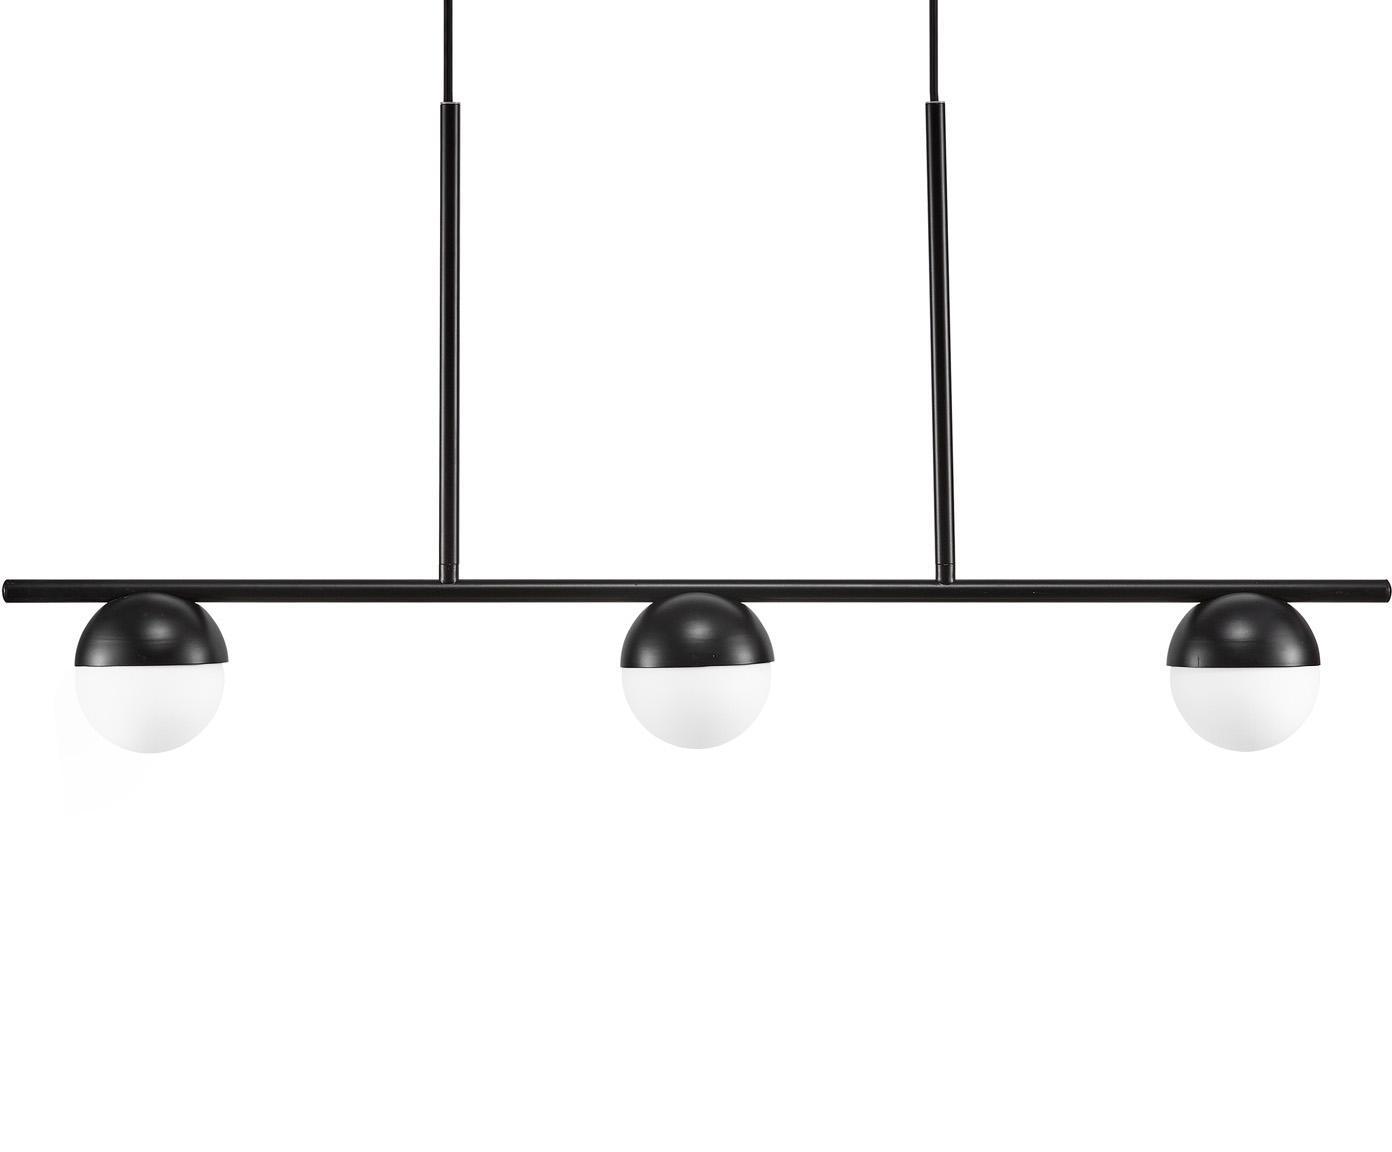 Grosse Pendelleuchte Contina, Lampenschirm: Opalglas, Baldachin: Metall, beschichtet, Weiss, Schwarz, 90 x 242 cm